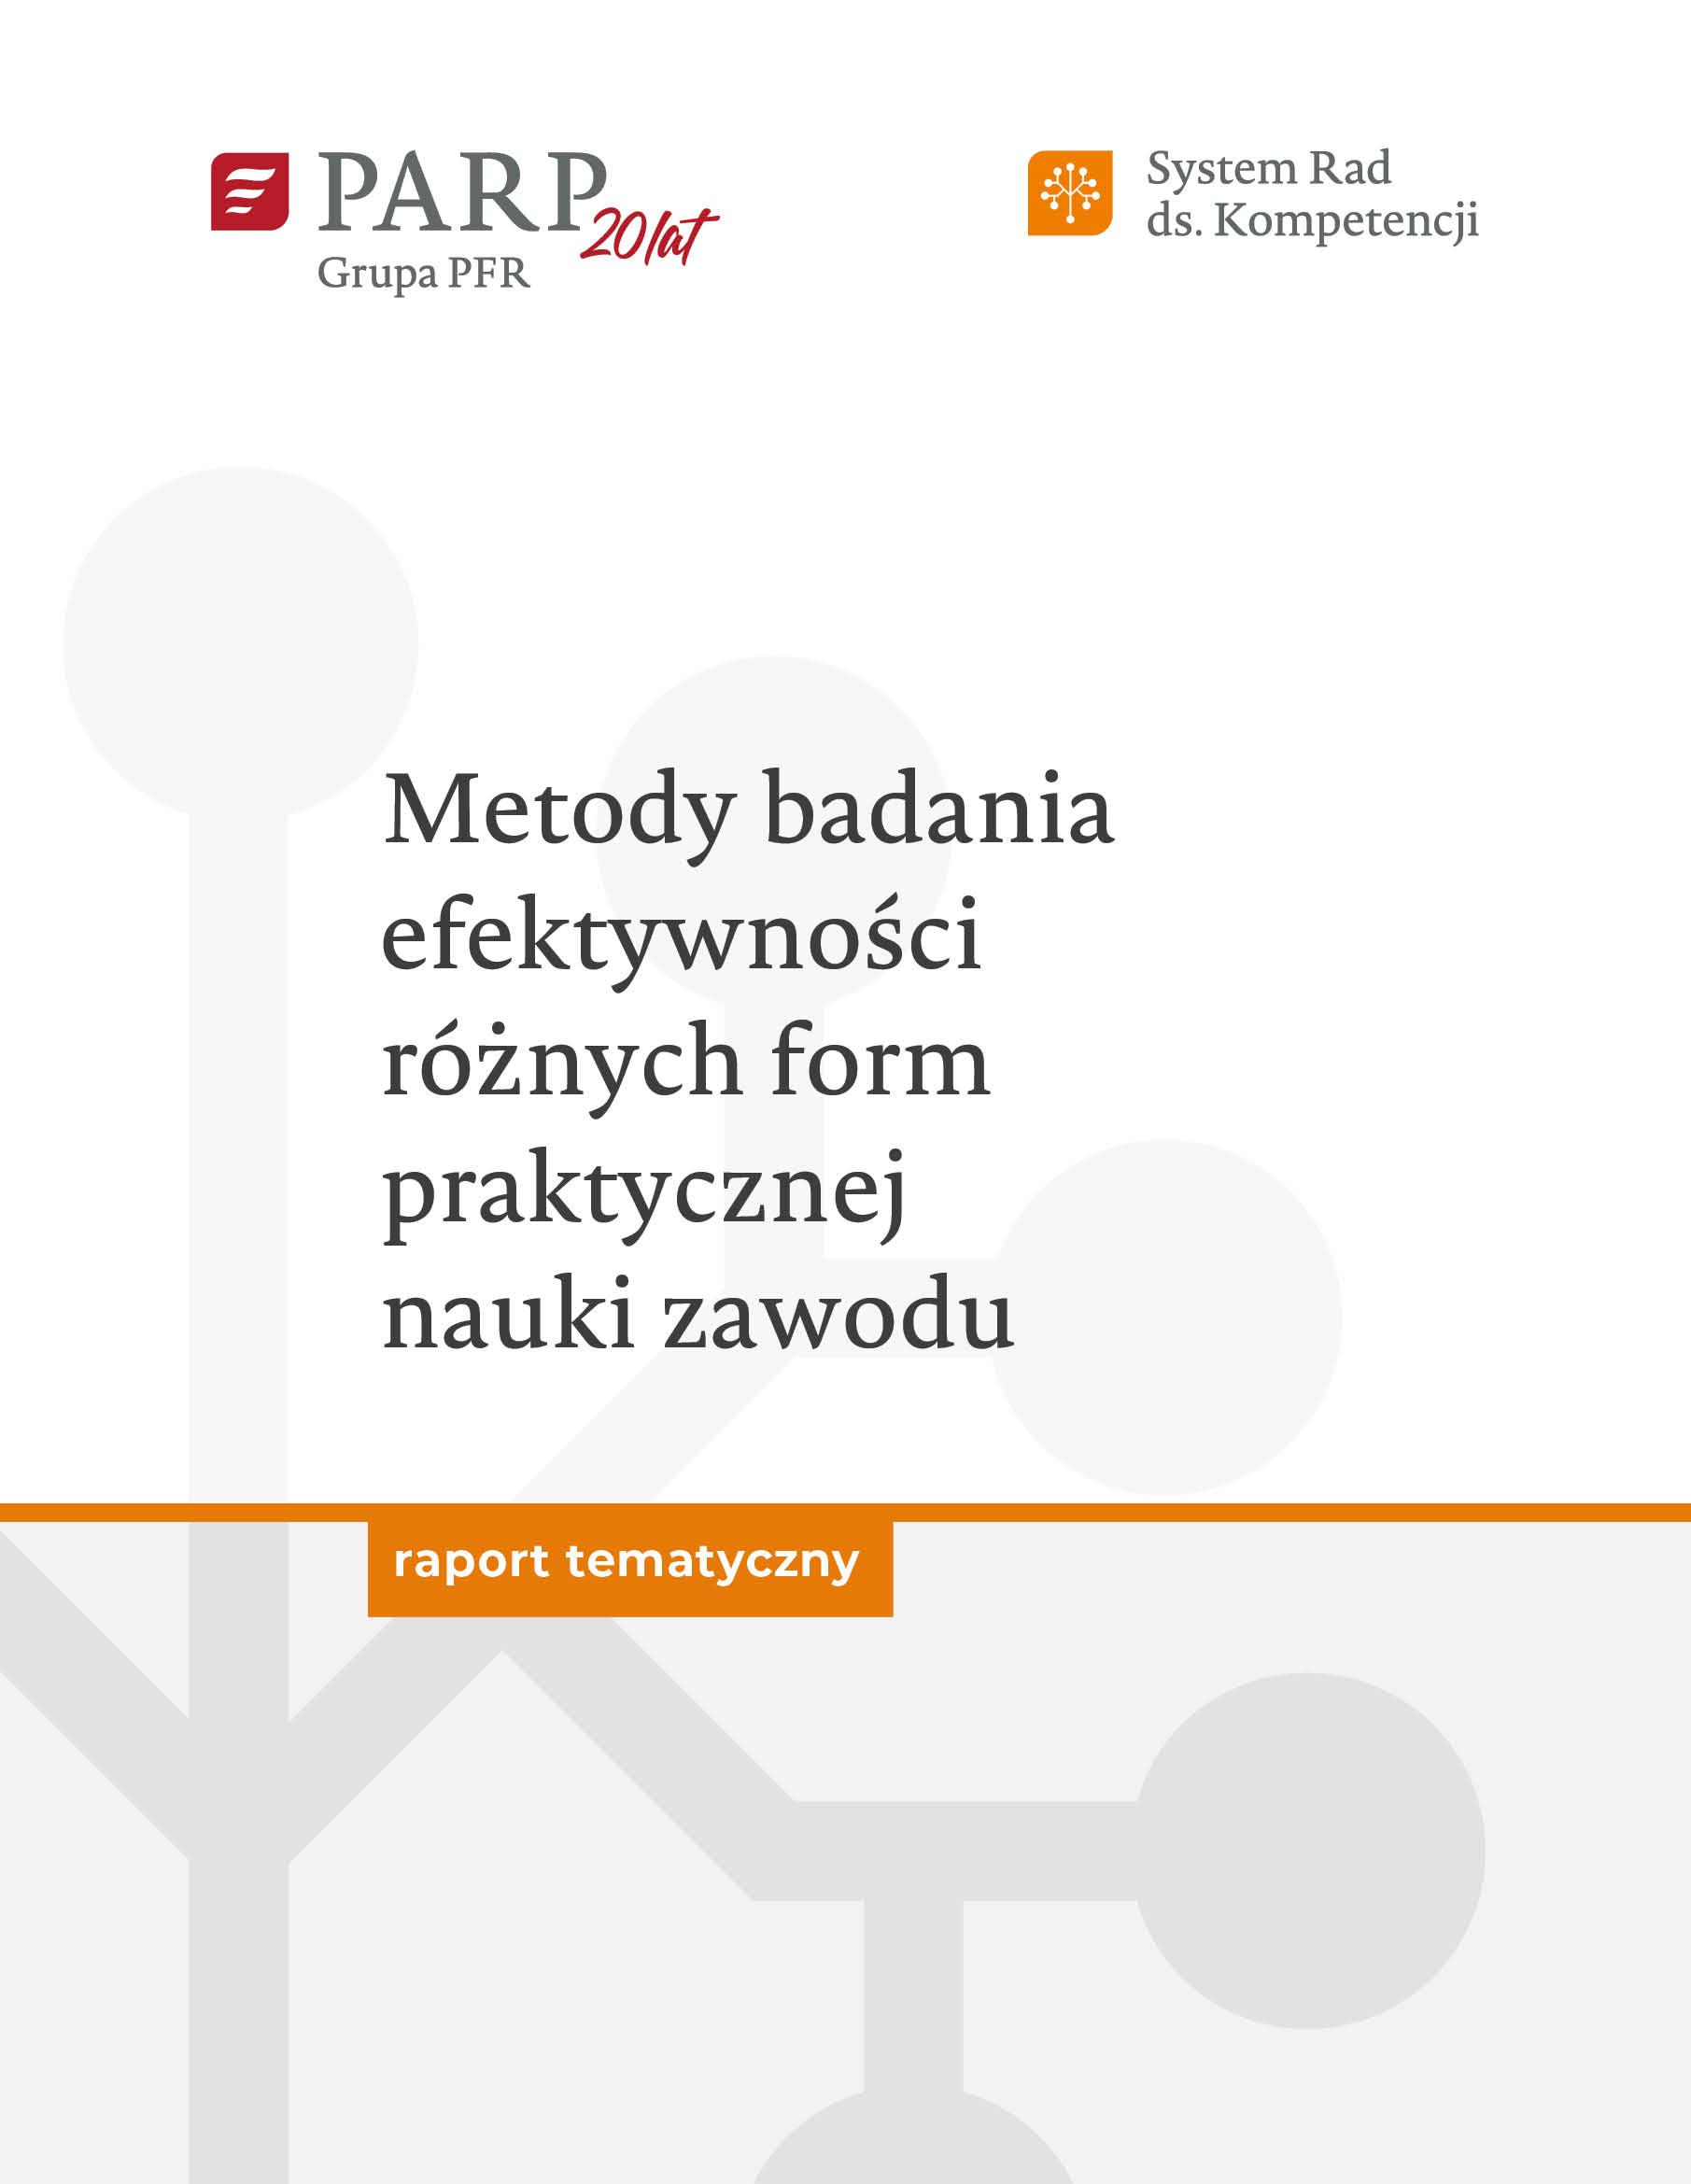 Metody badania efektywności różnych form praktycznej nauki zawodu